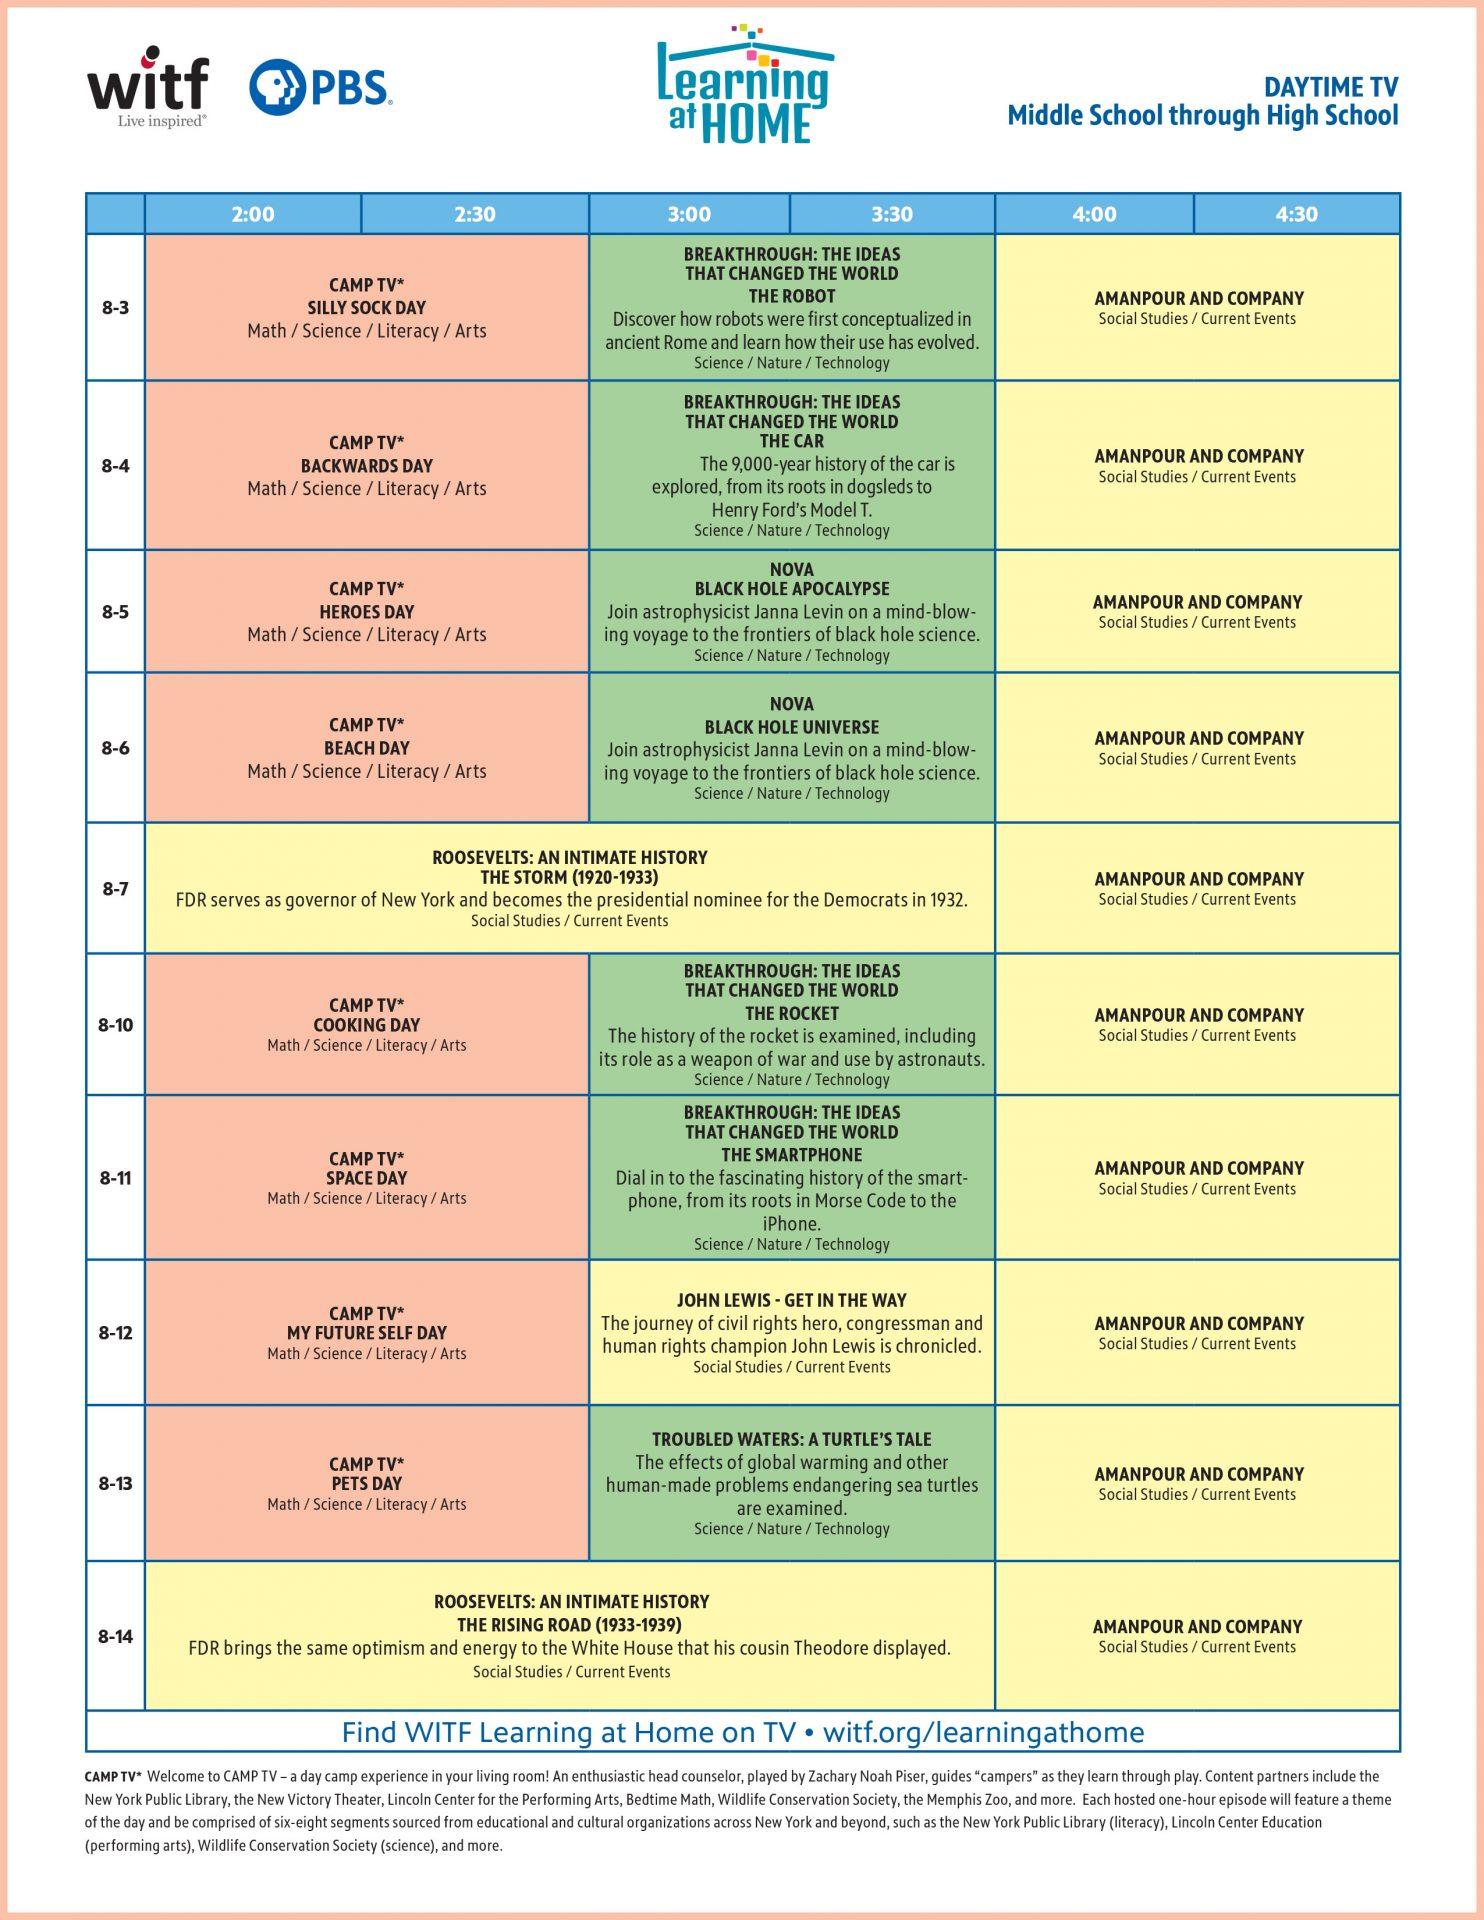 Middle School through High School Daytime Schedule